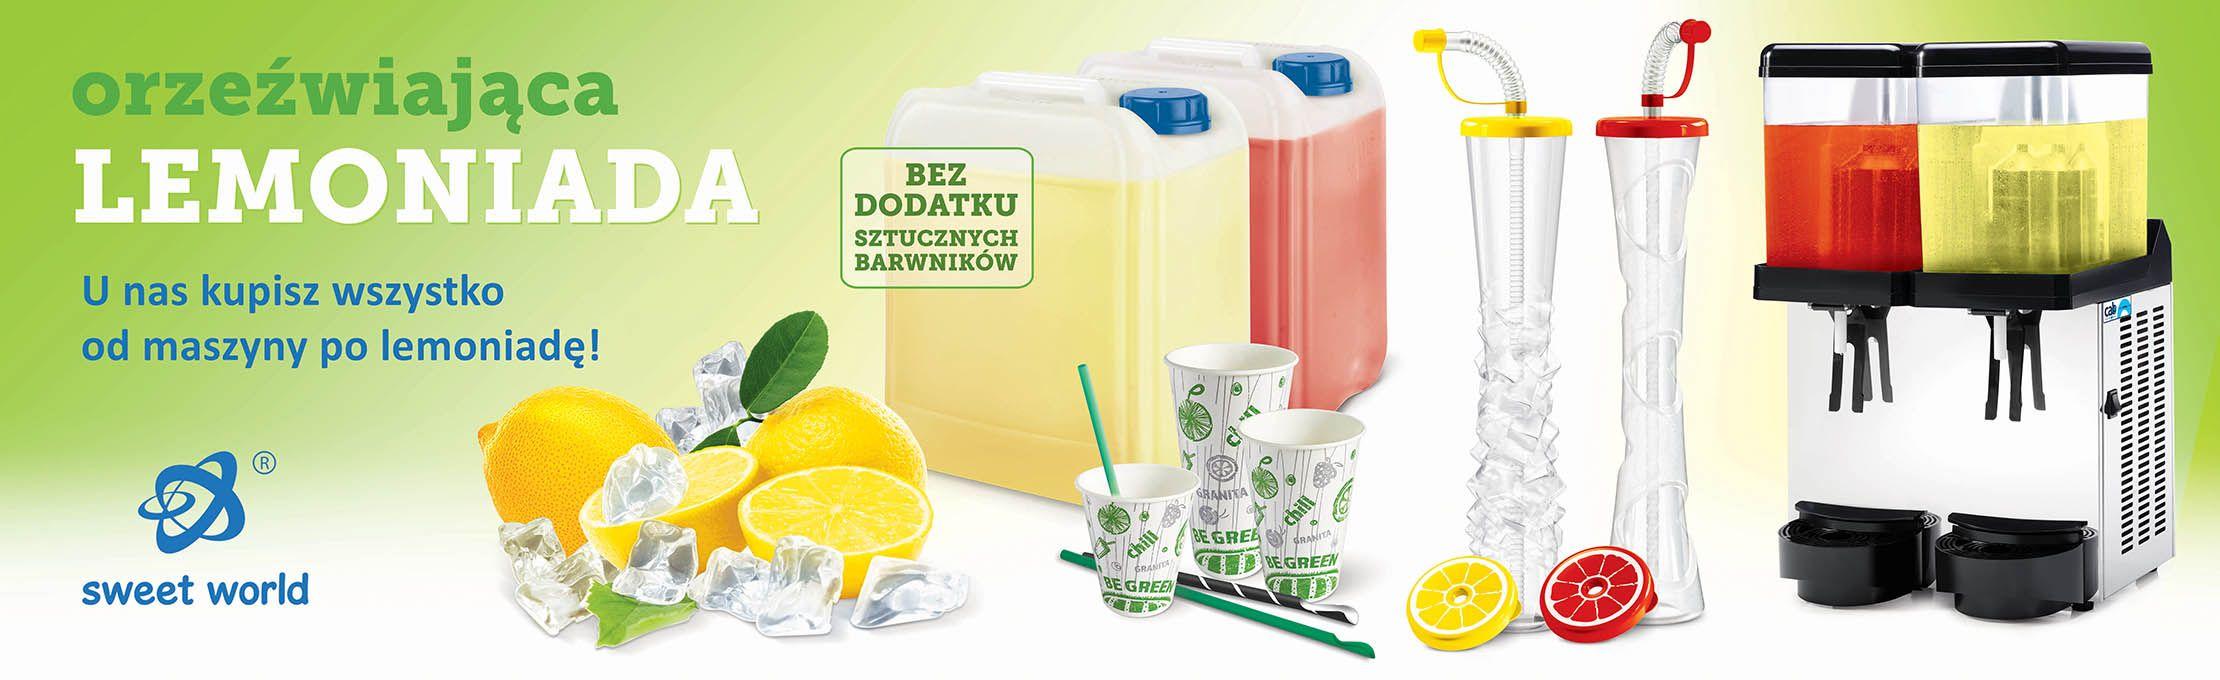 Lemoniada!